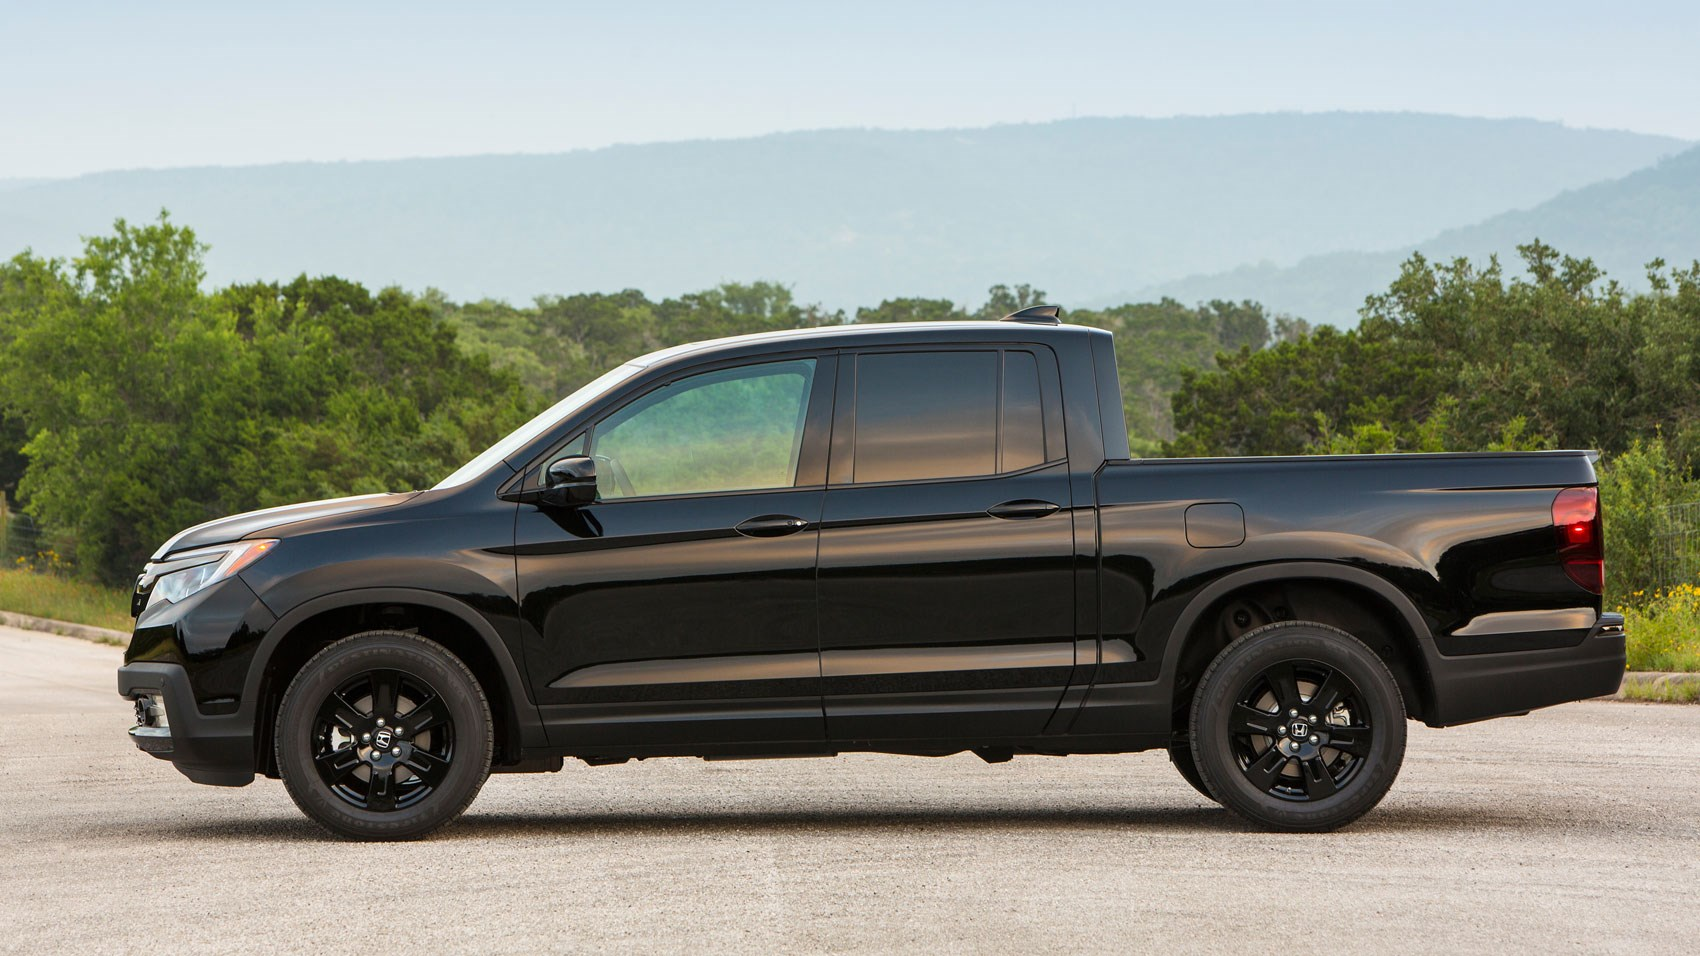 The Softopper | Honda ridgeline, Truck